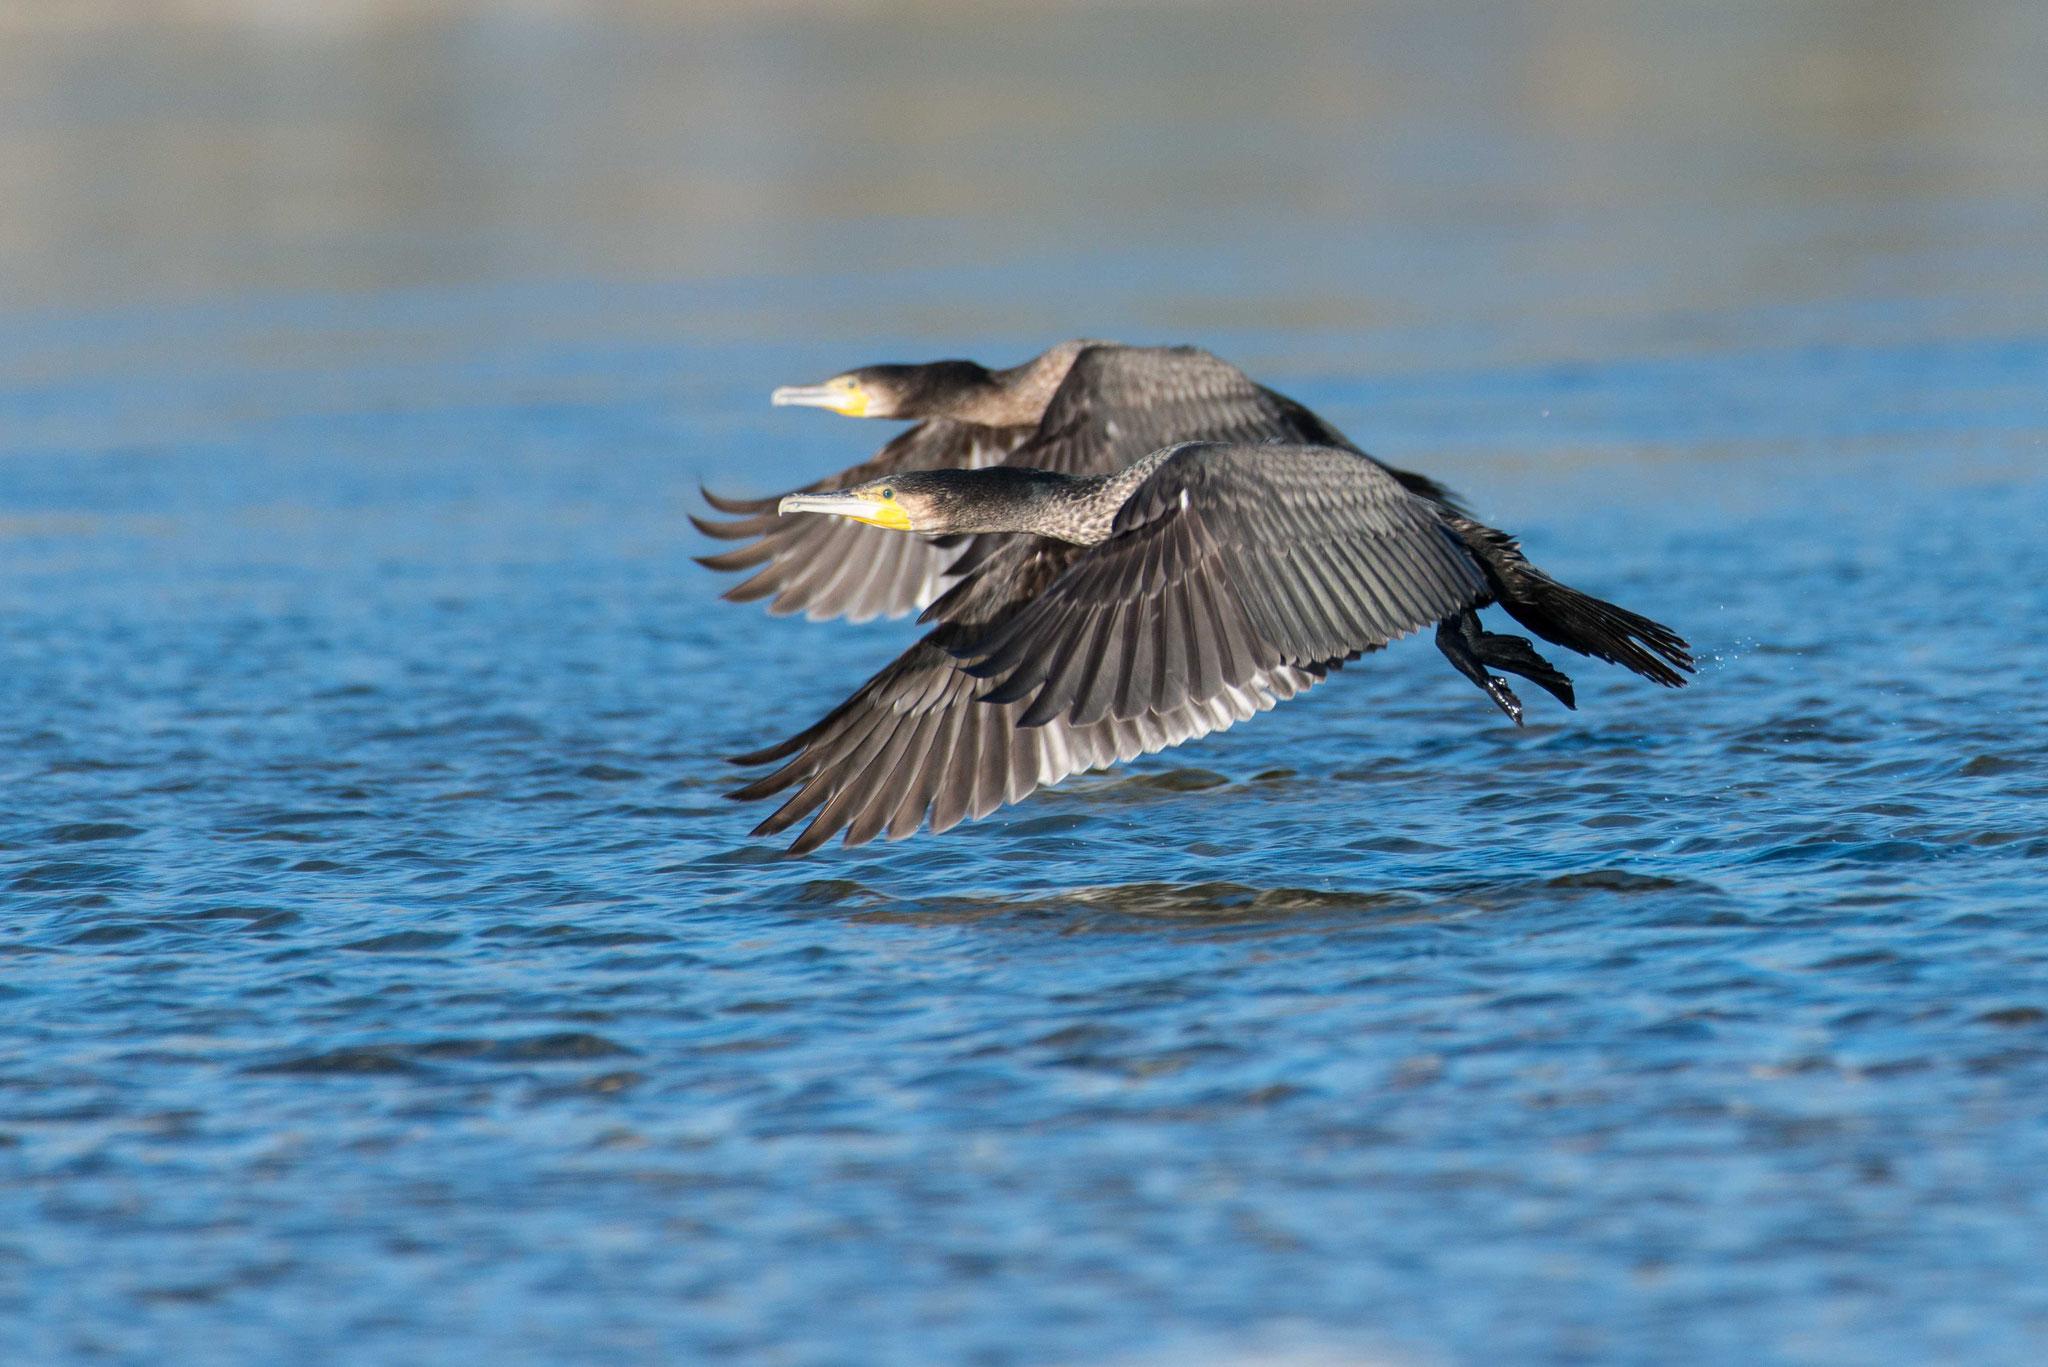 Der Altrheinbogen um die Halbinsel Rappenwört ist ein Vogelschutzgebiet. Auf den offenen Wasserflächen kann man verschiedene Entenarten, Kormorane, Grau- und Silberreiher, Bläß- und Teichhühner, Zwergtaucher u.v.a mehr sehen.